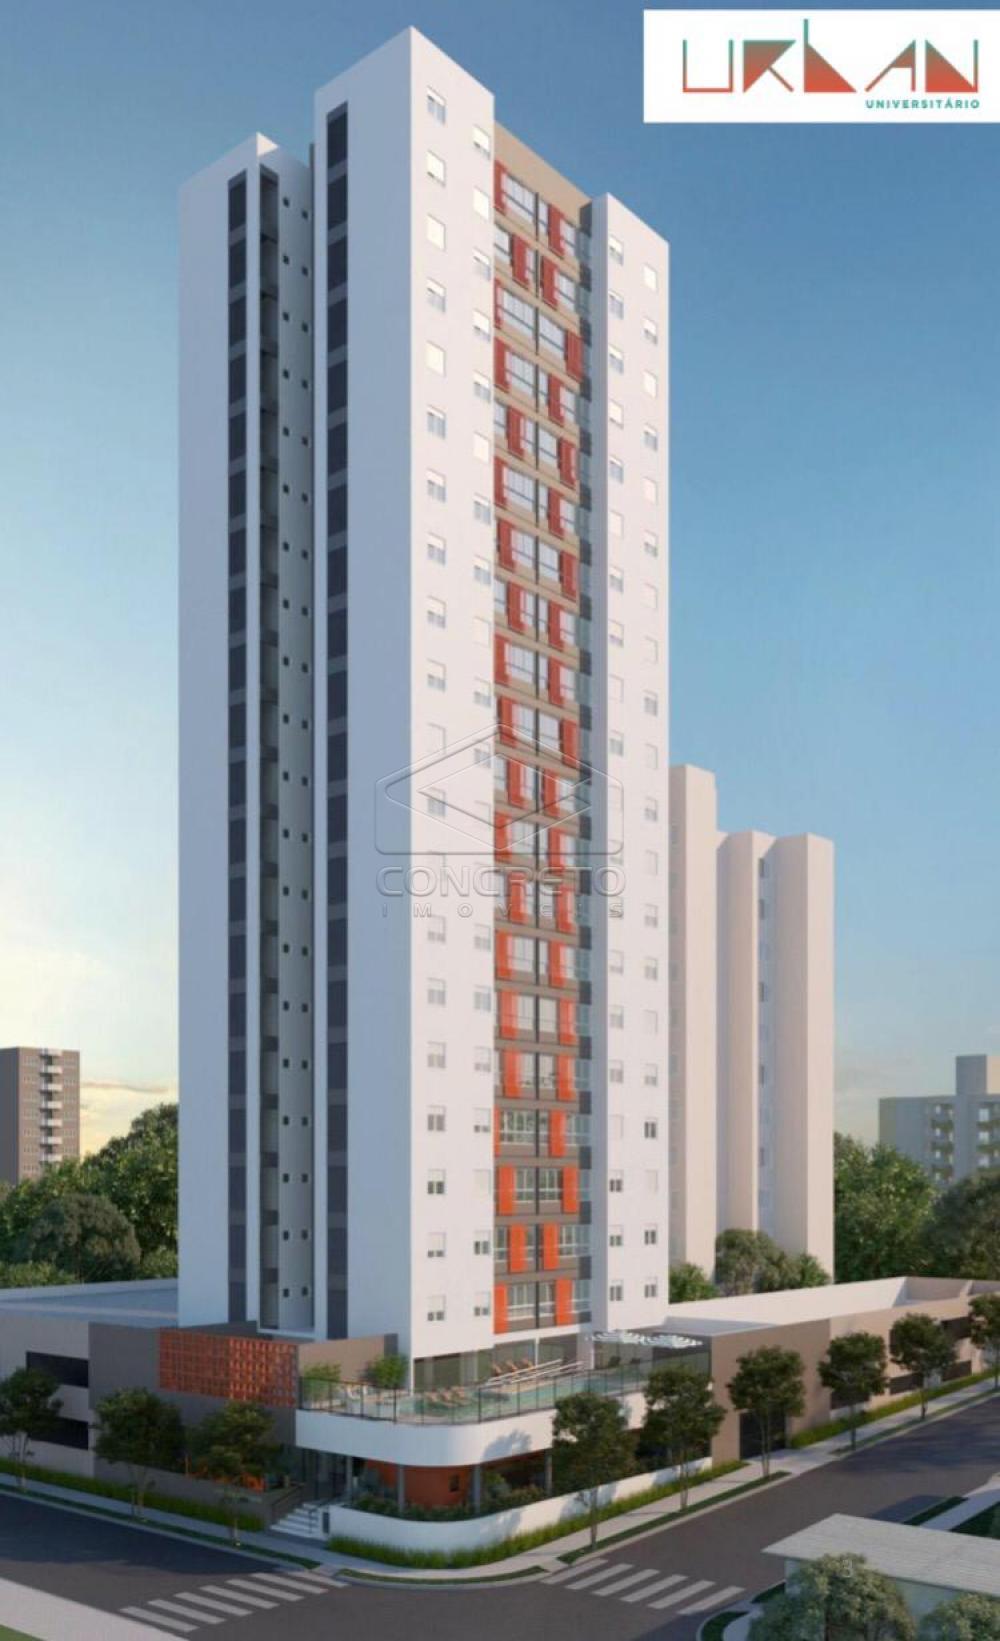 Comprar Apartamento / Padrão em Bauru R$ 359.900,00 - Foto 1